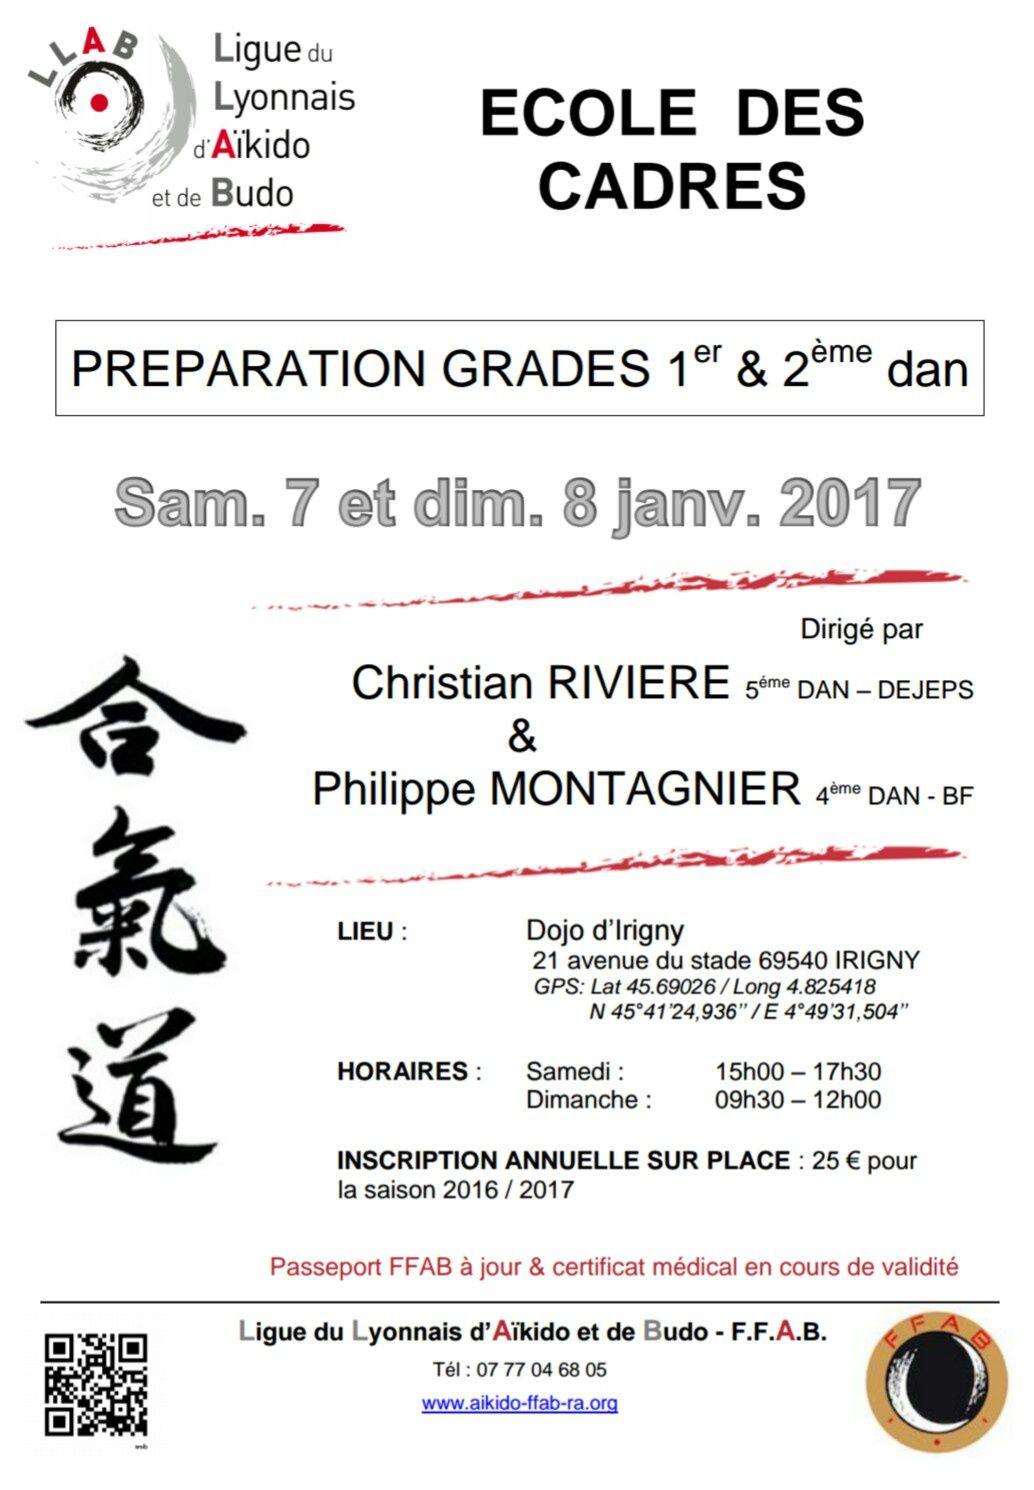 École des Cadres, préparation grades  1er et 2ème Dan samedi 7 et dimanche 8 janvier  2017 dirigé par Christian Rivière 5ème Dan et Philippe Montagnier 4ème Dan à Irigny 69540.